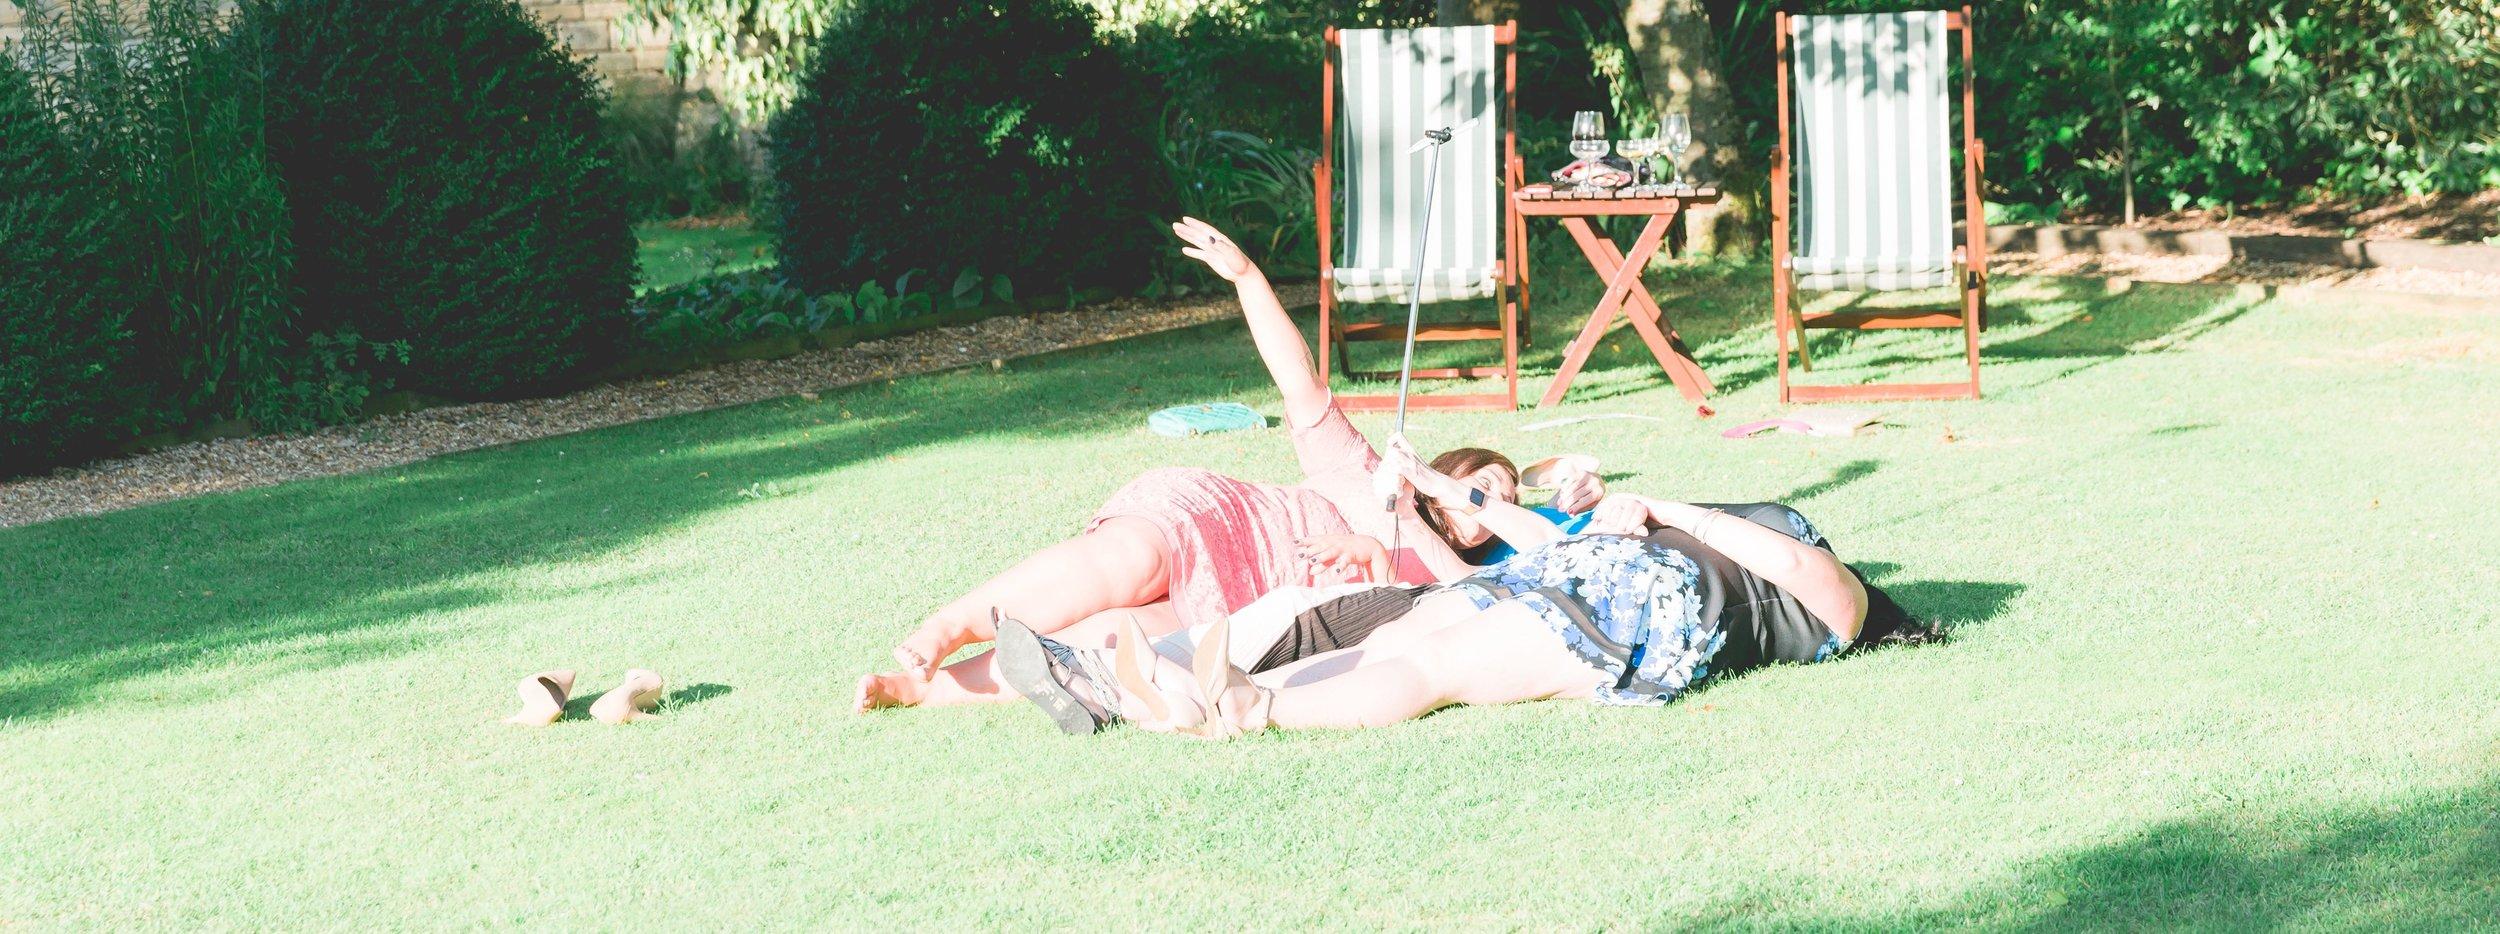 Alex & Amanda-19.jpg